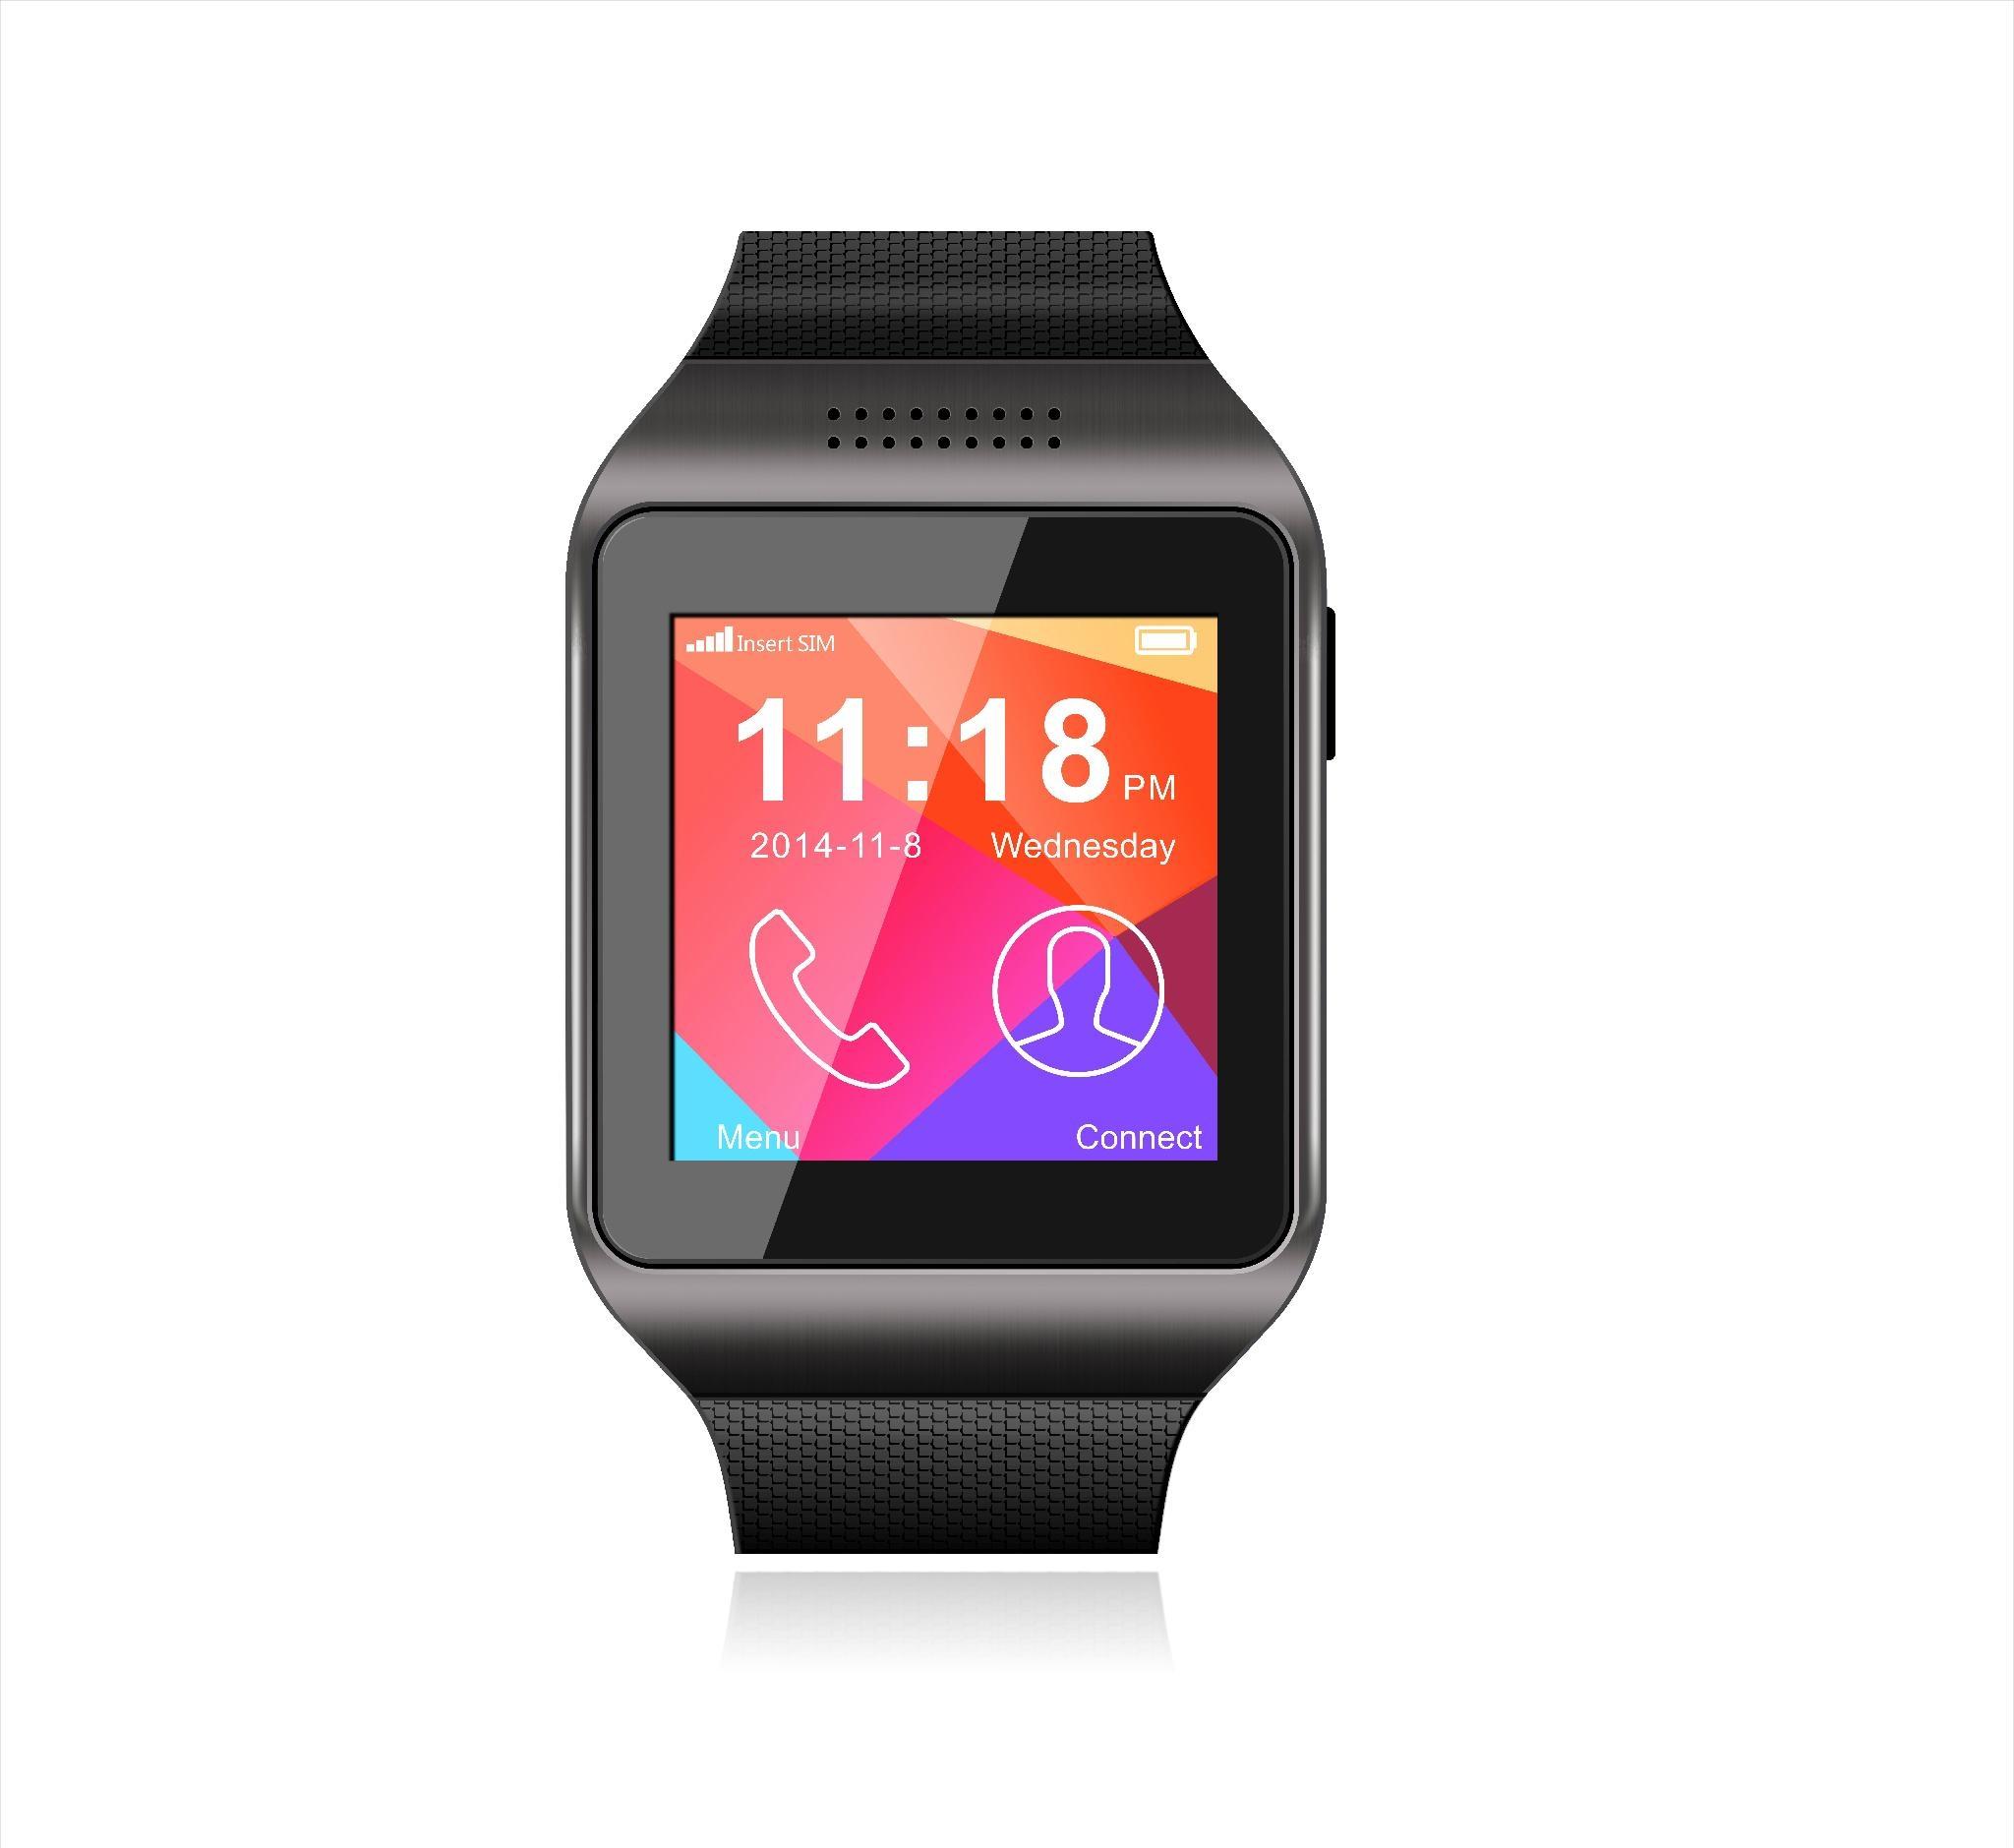 新款智能手表 可插SIM/TF卡带摄像头多功能智能穿戴蓝牙手机手表 1